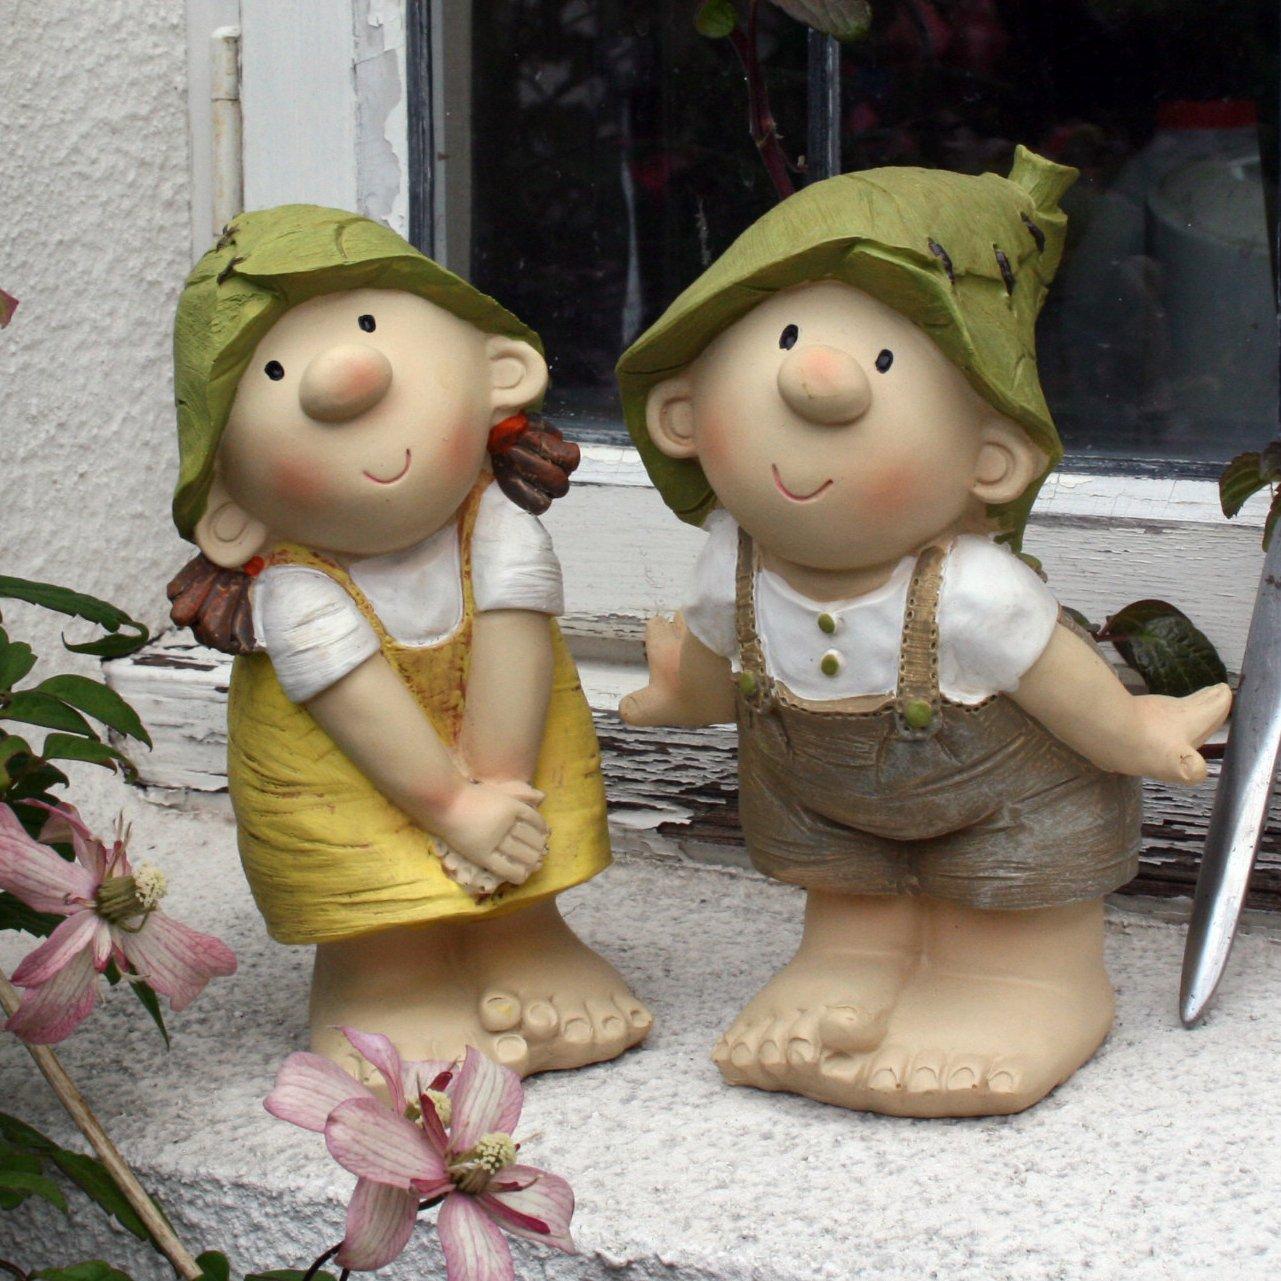 Lilly and Len Elves - Decorazione da giardino, gnomo, fata del giardino, troll Flame Homeware